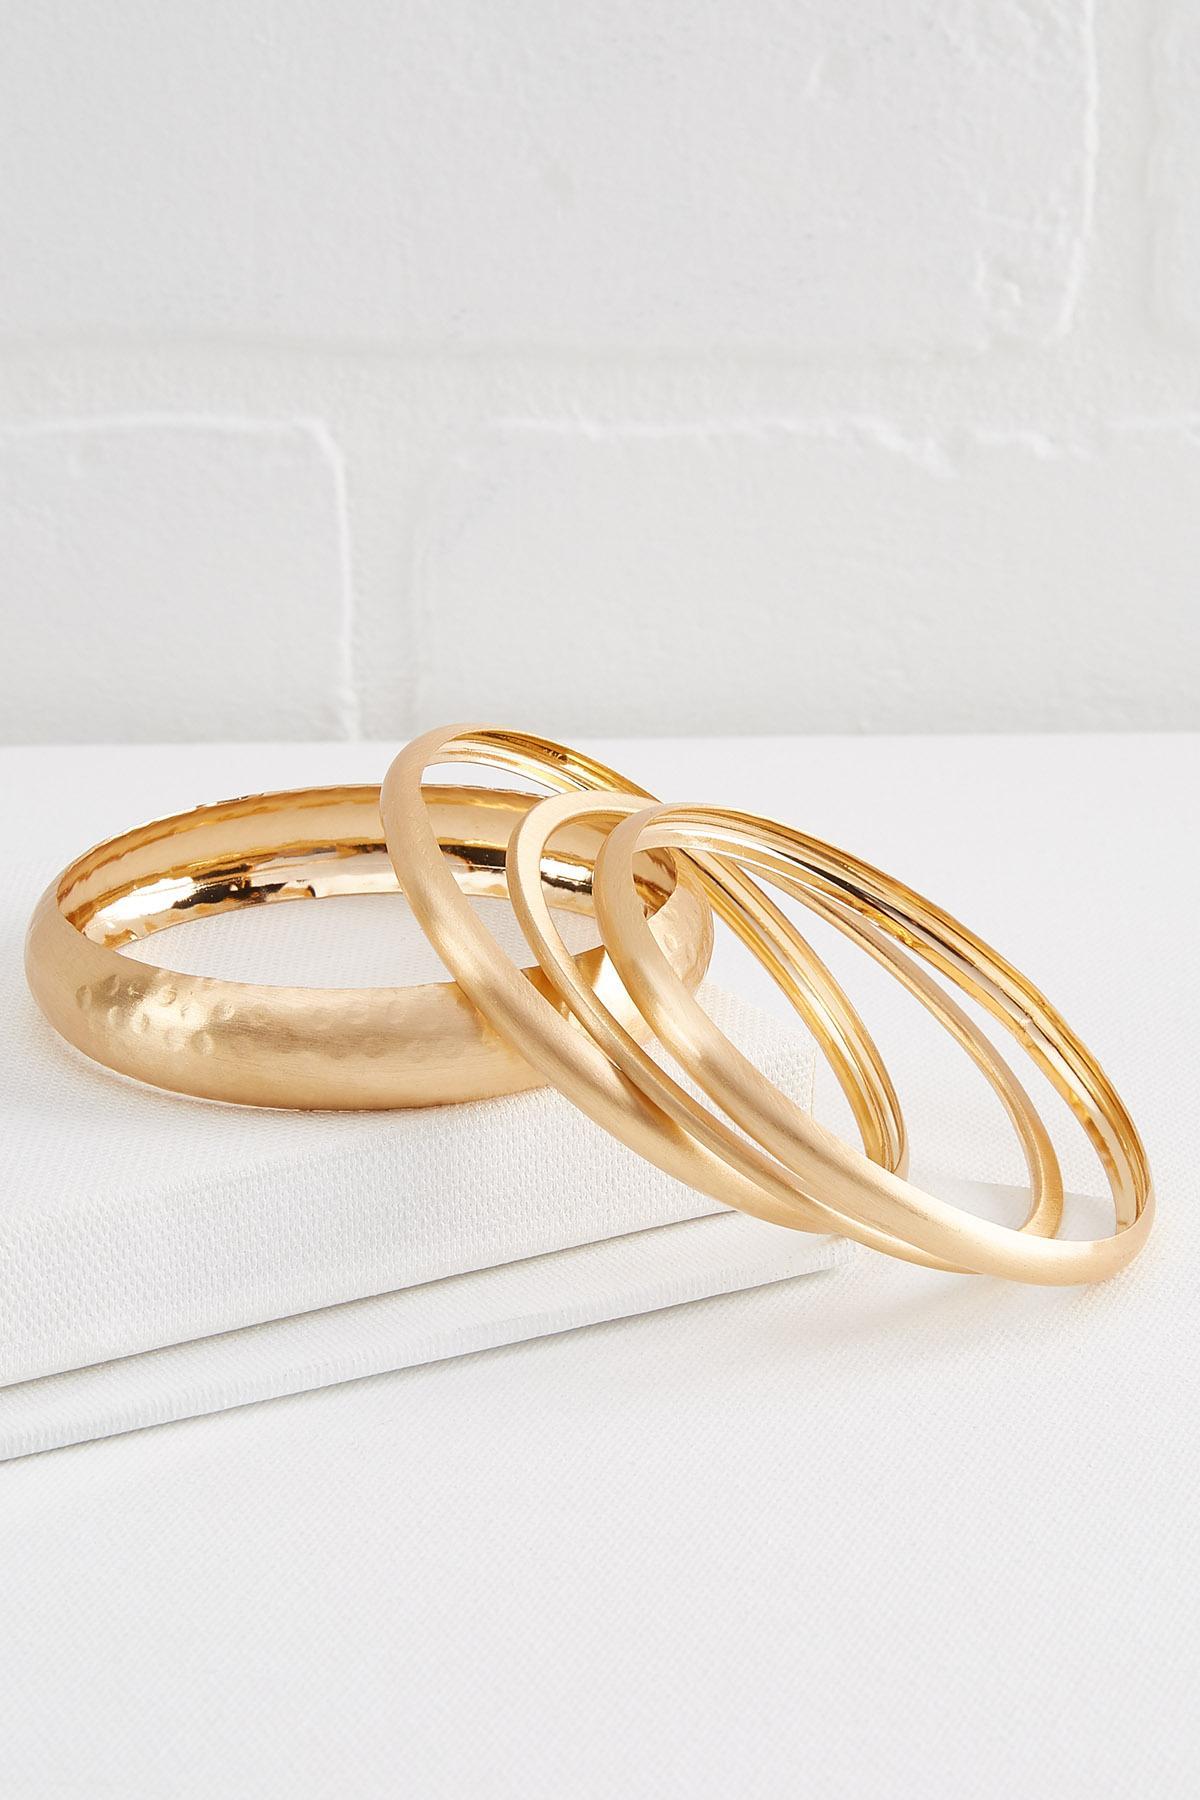 Brushed Gold Bangle Set